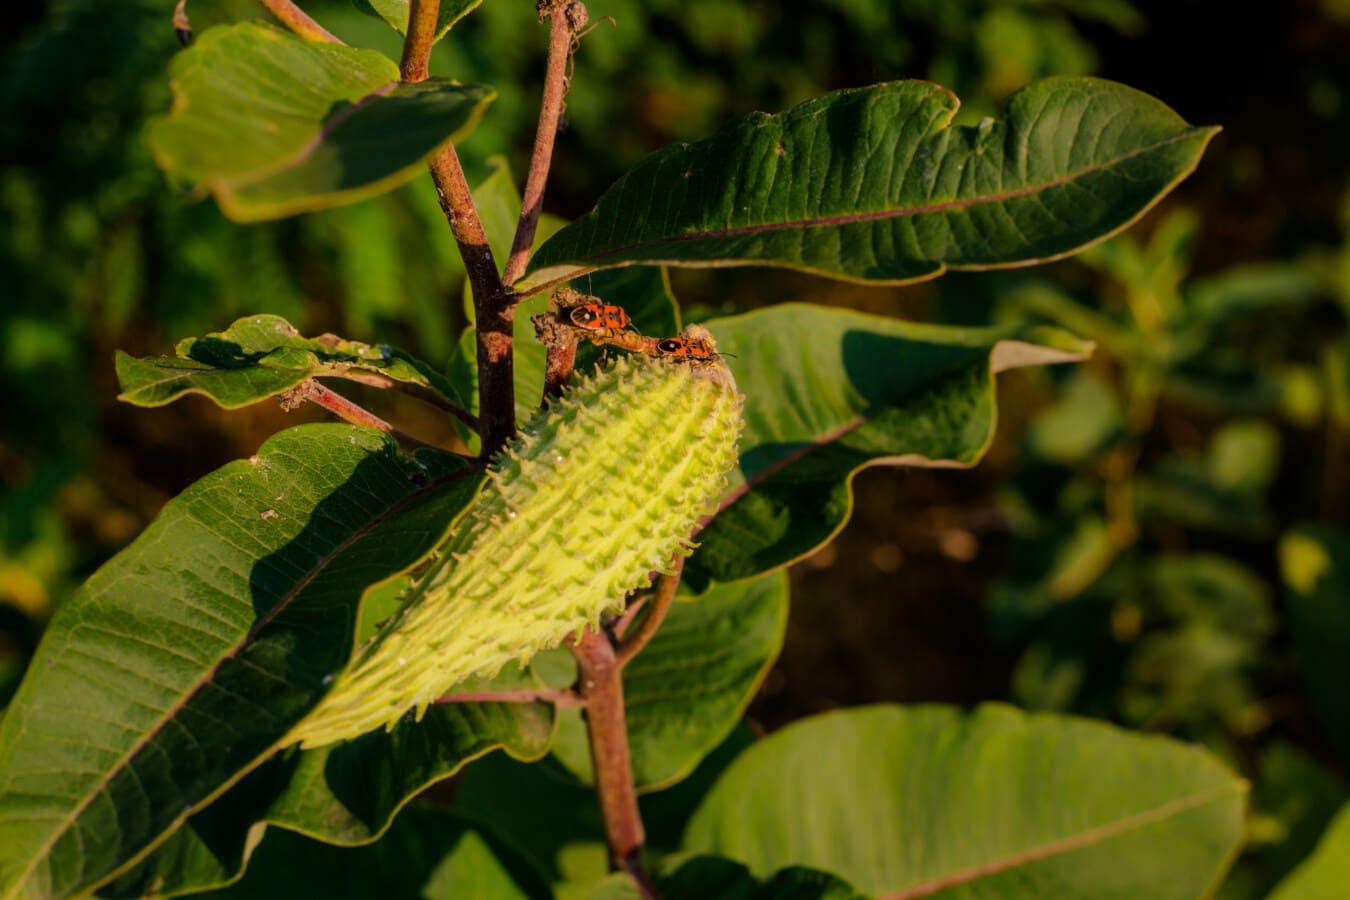 buba, kukac, zeleno lišće, grane, list, priroda, drvo, boja, grm, pogled iz blizine